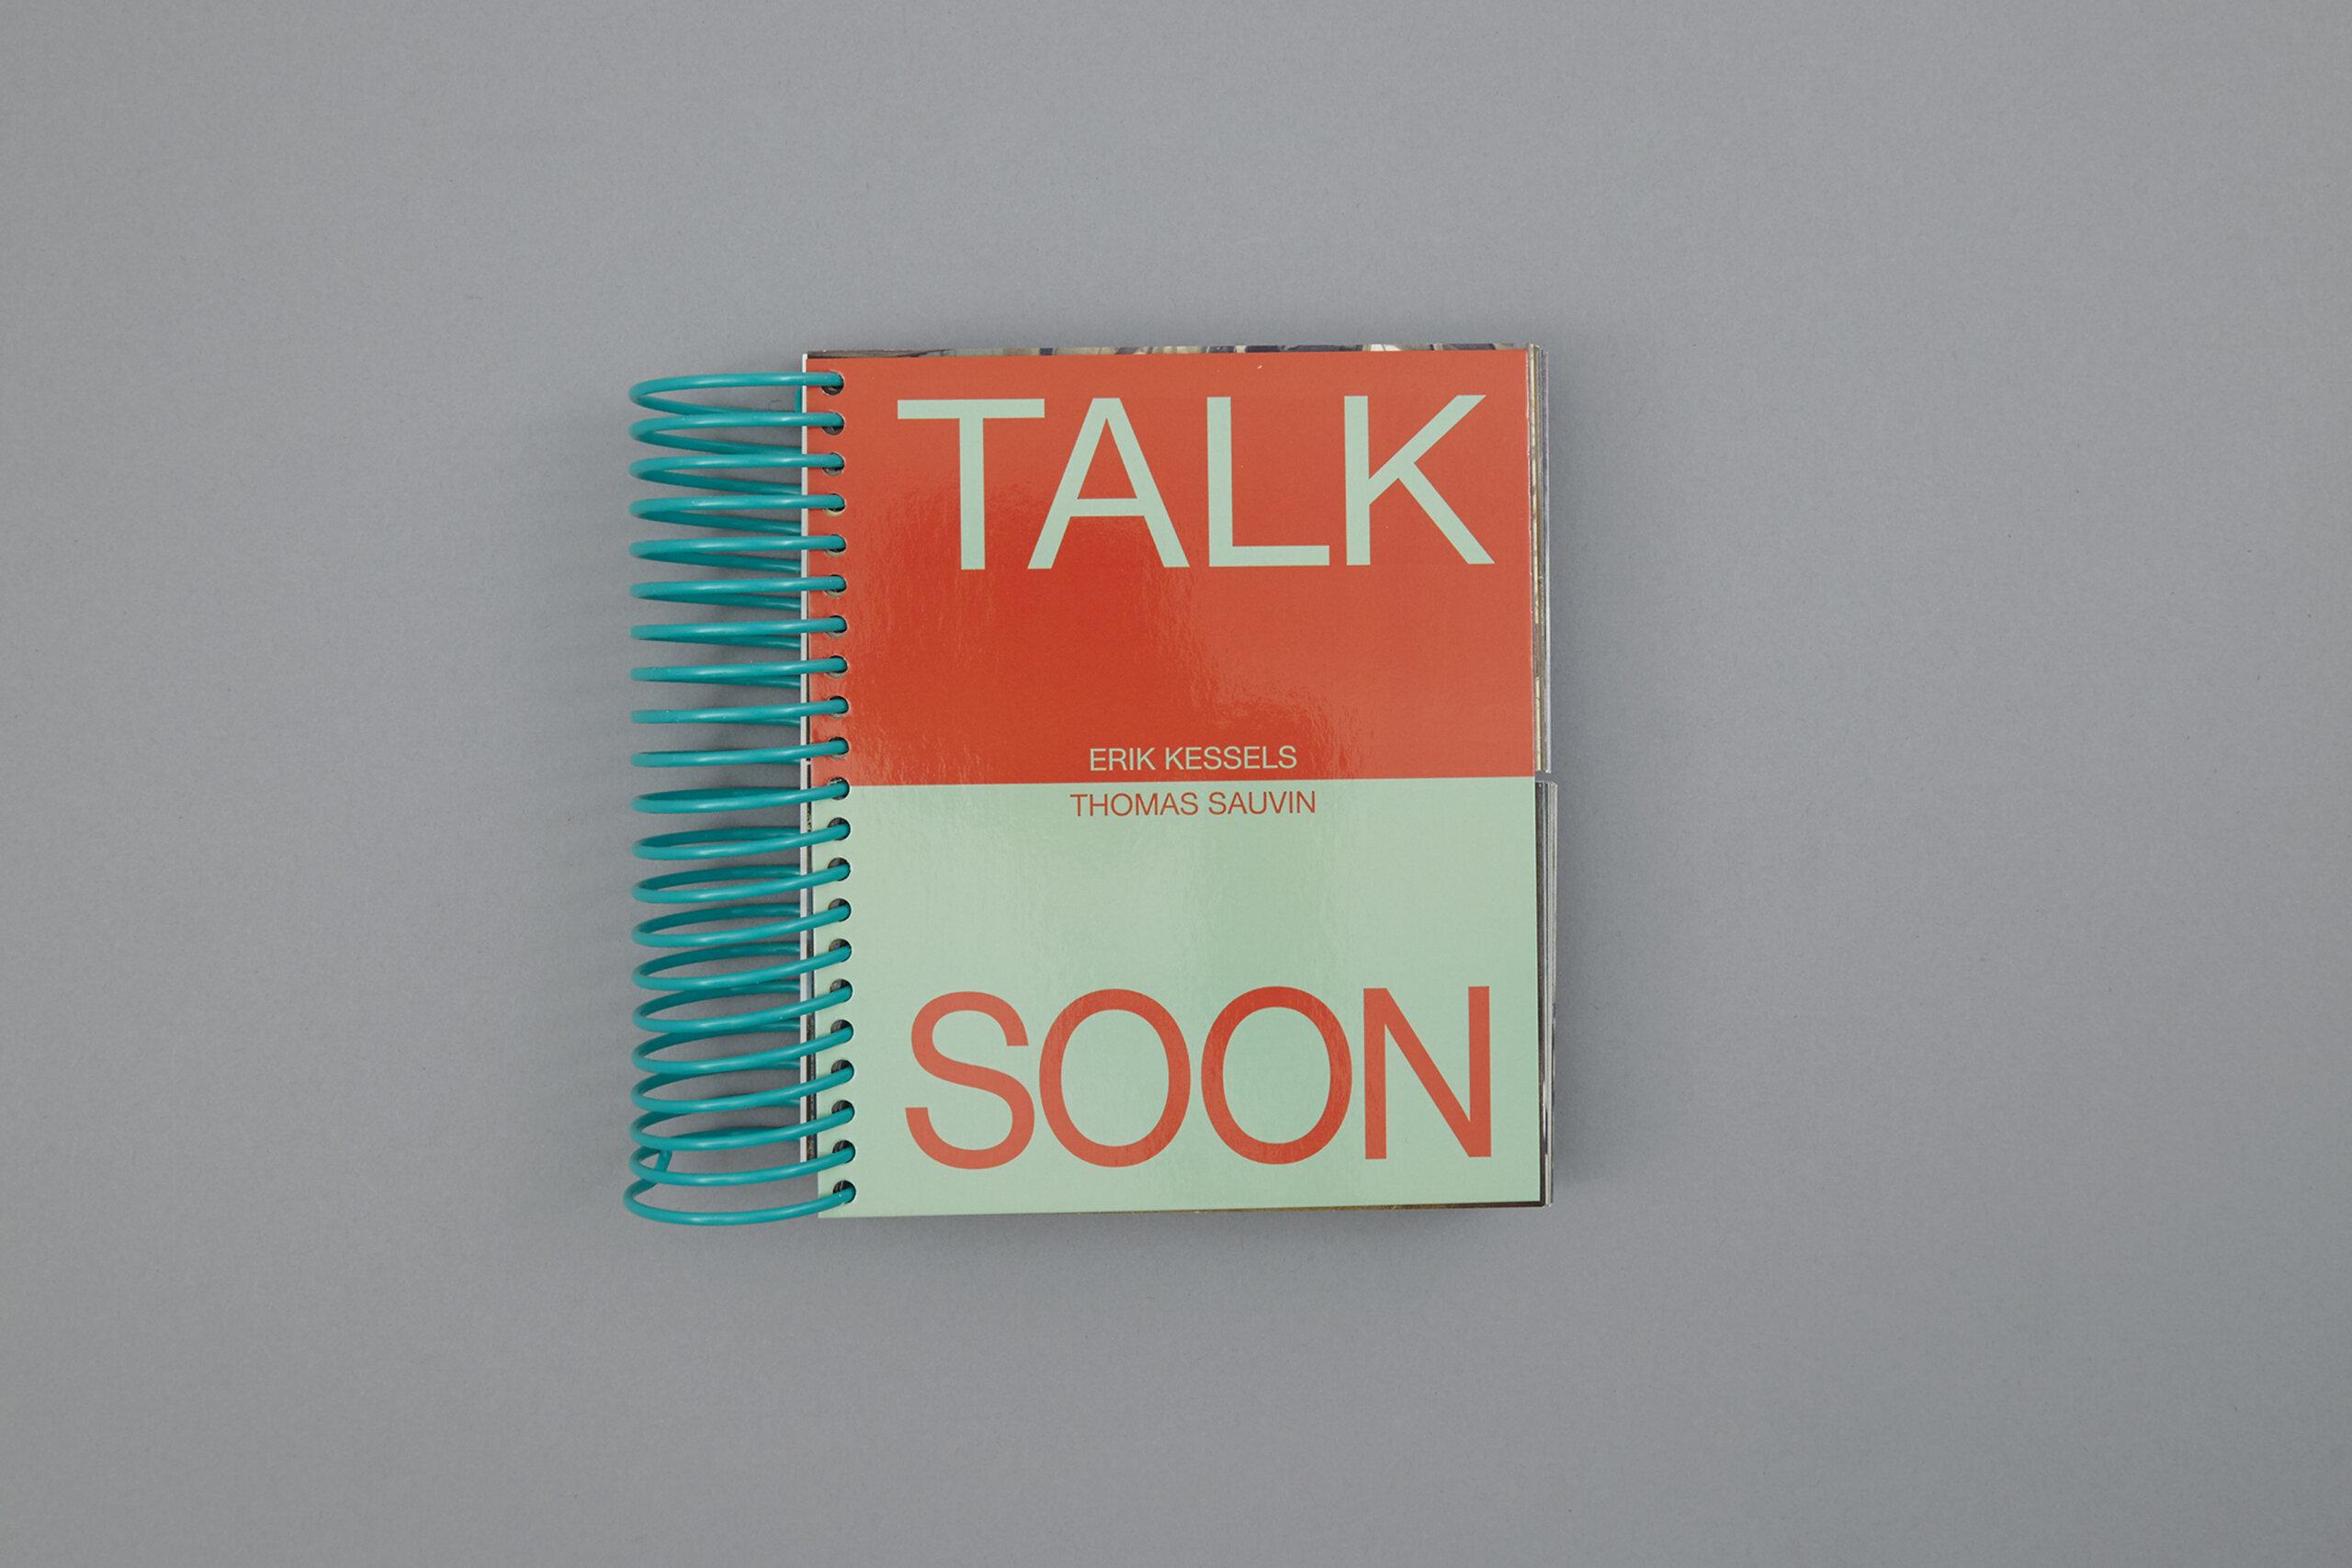 kessels-sauvin-talk-soon-delpire-co-1